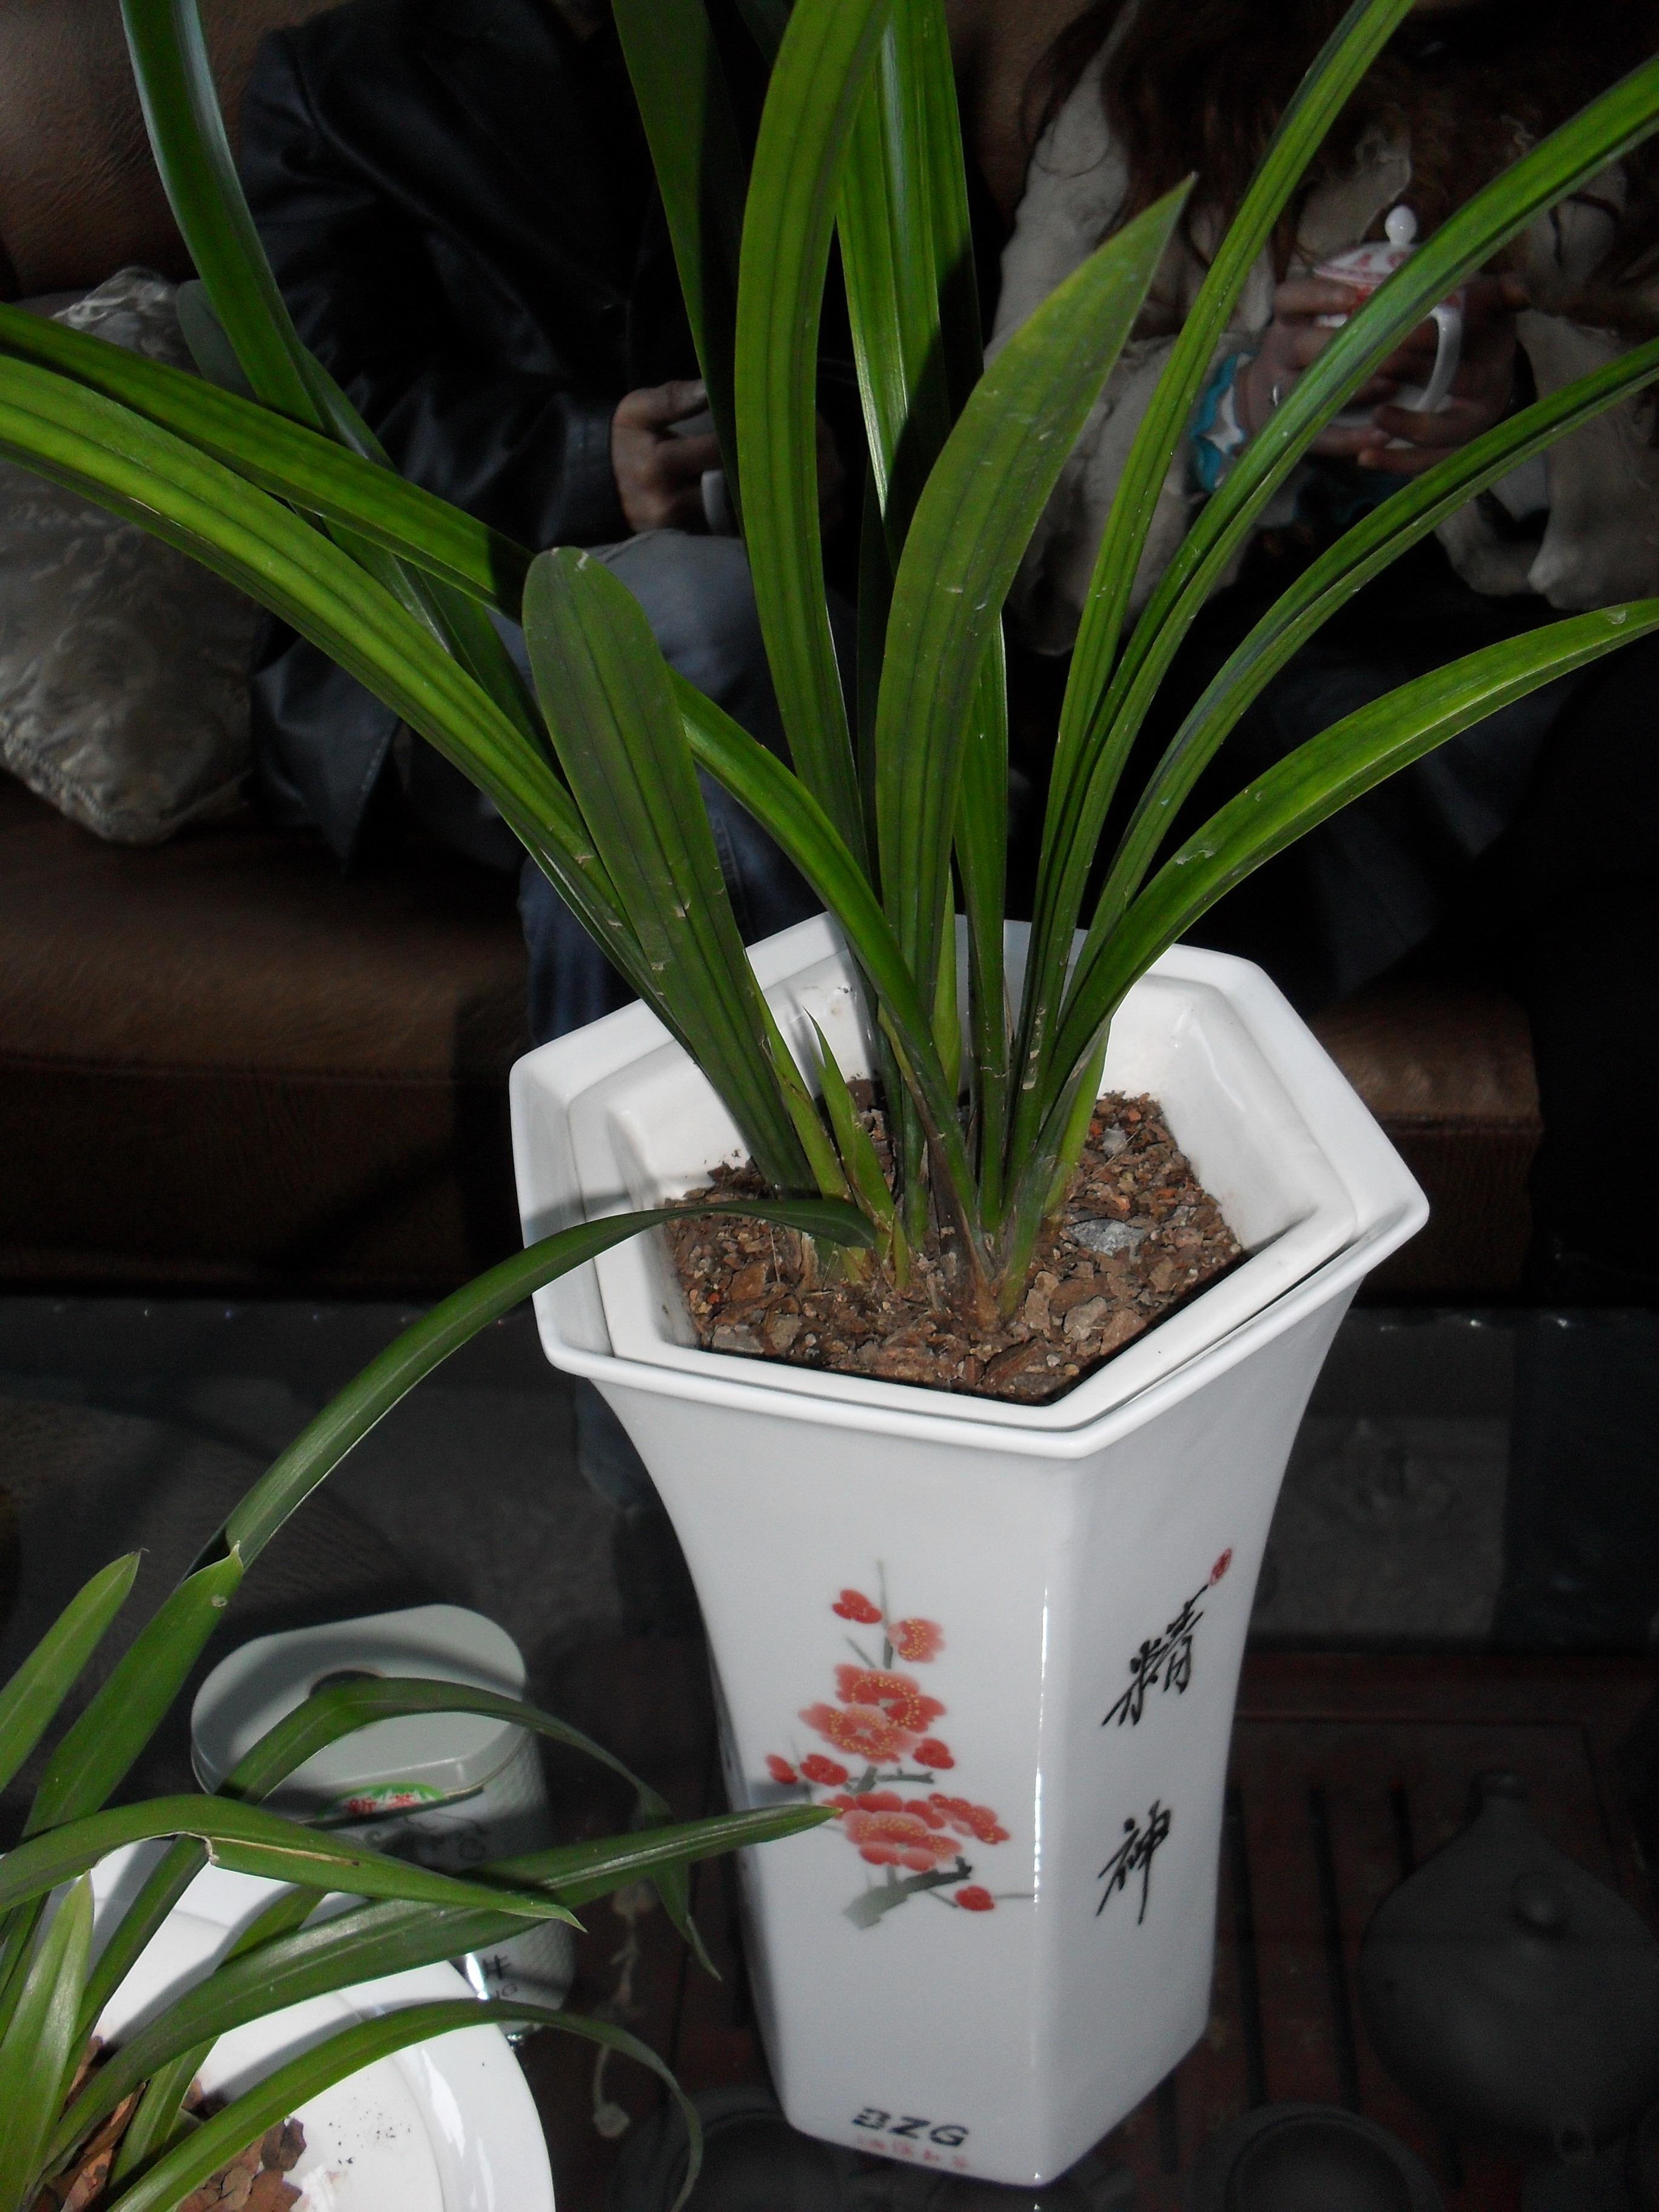 家庭养兰主要是观赏性的,用盆最好使用紫砂盆或塑盆.兰花专用紫砂盆,.